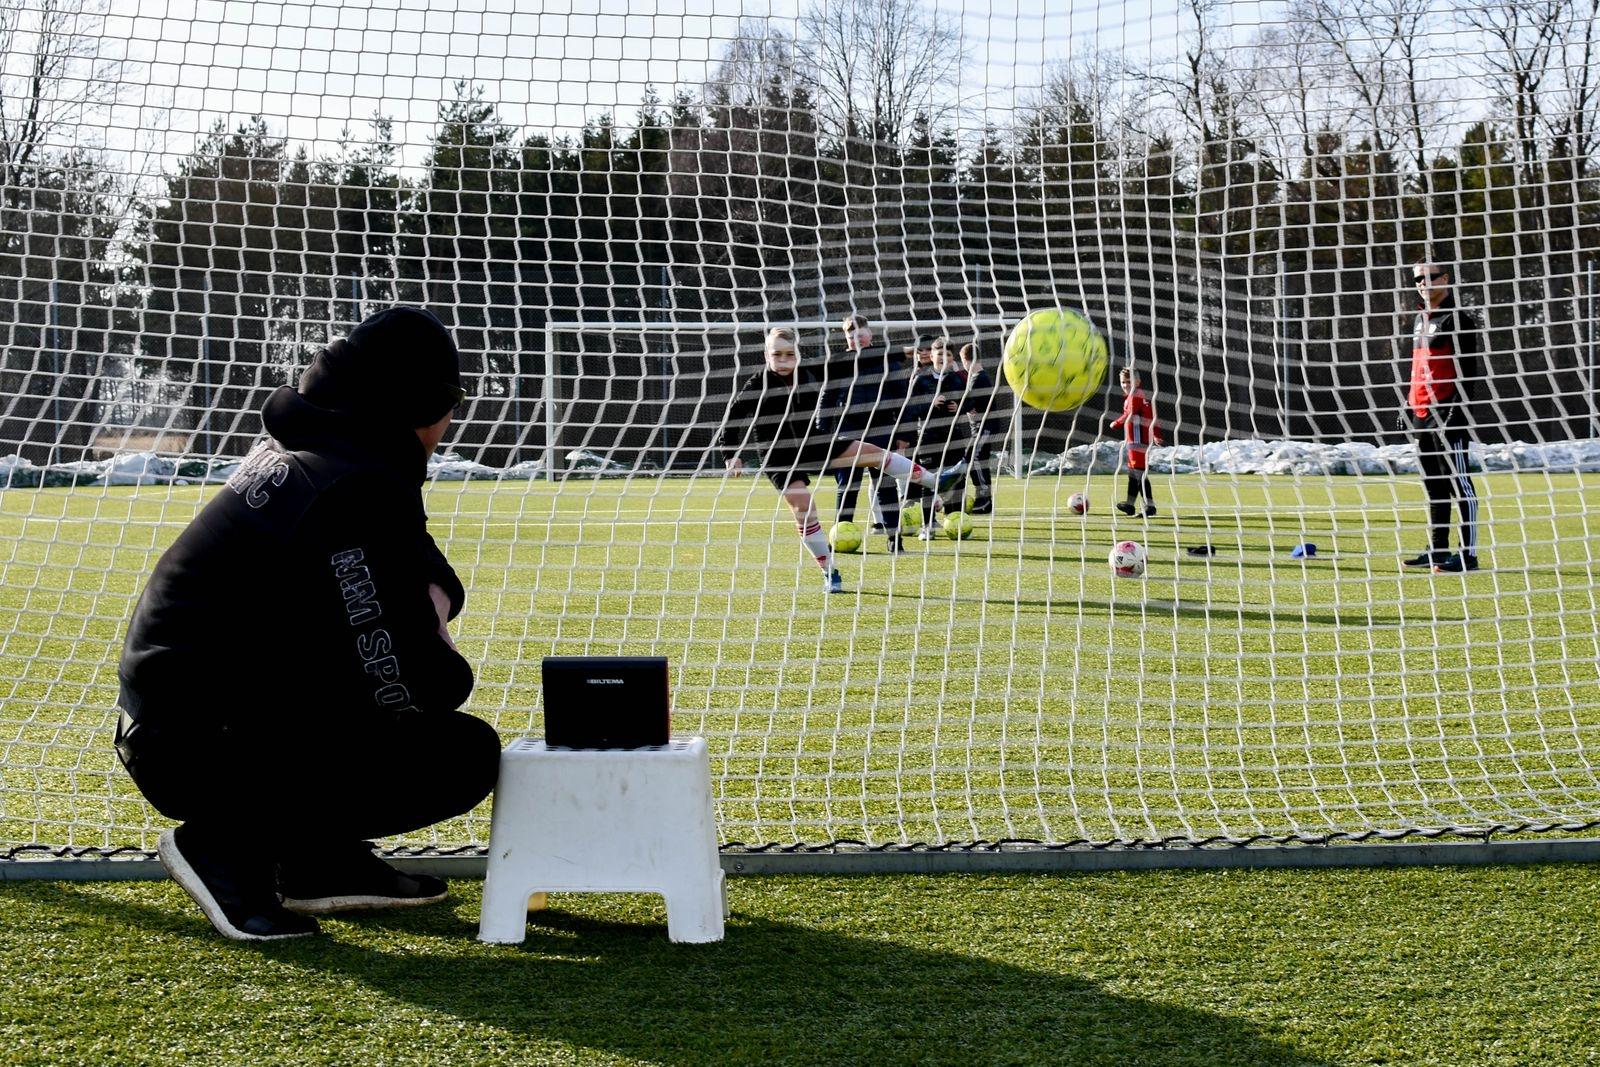 Rörelseglädje var målet när Spjutstorps IF bjöd in till sportlovsfotboll förra veckan. Här testar den äldre gruppen hur hårt de kan skjuta med hjälp av en skottmätare.